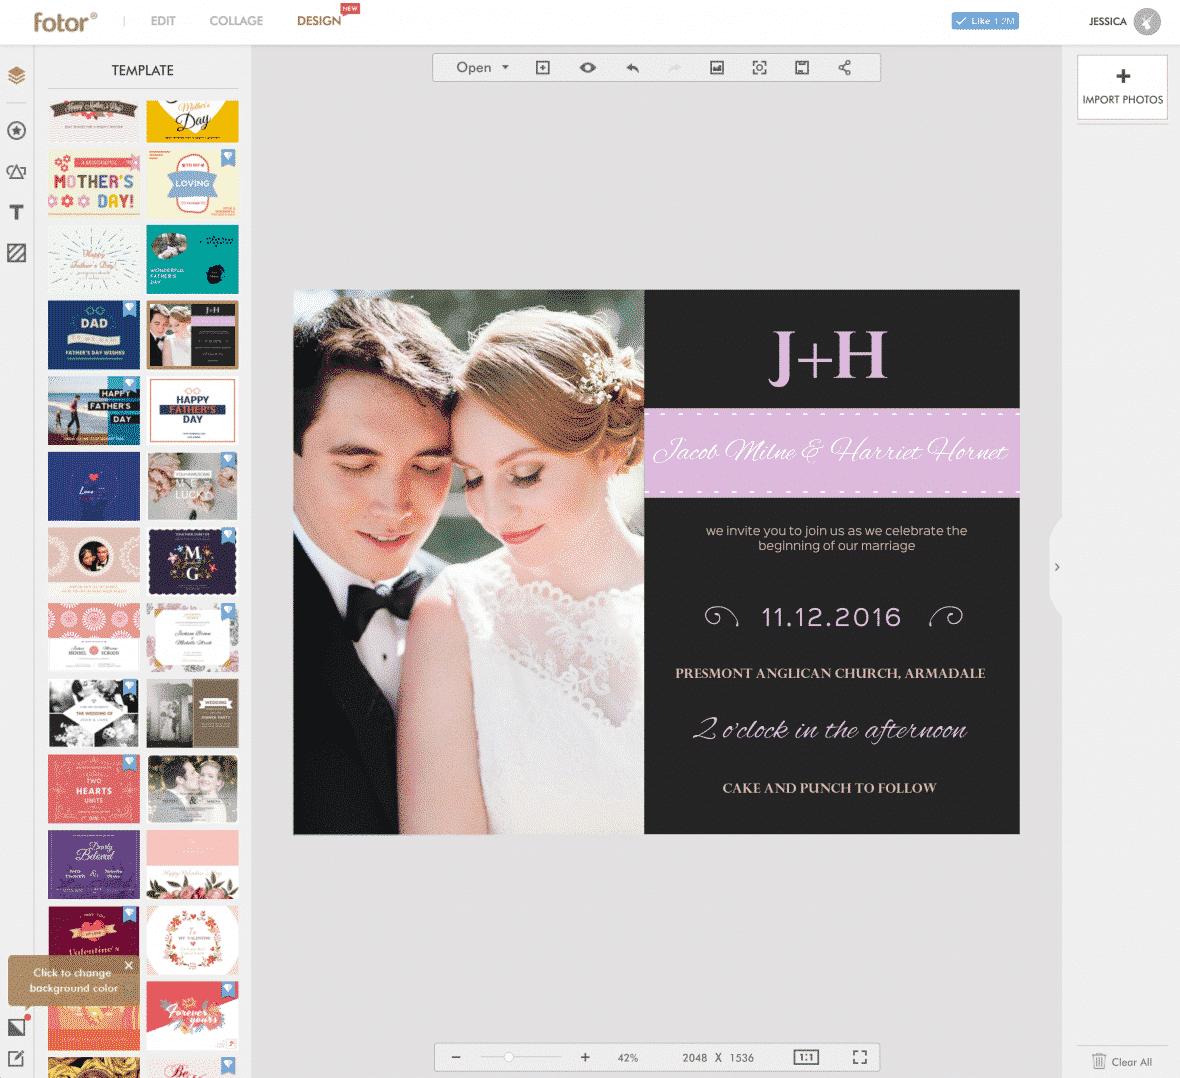 Fotor Web Based Design Application